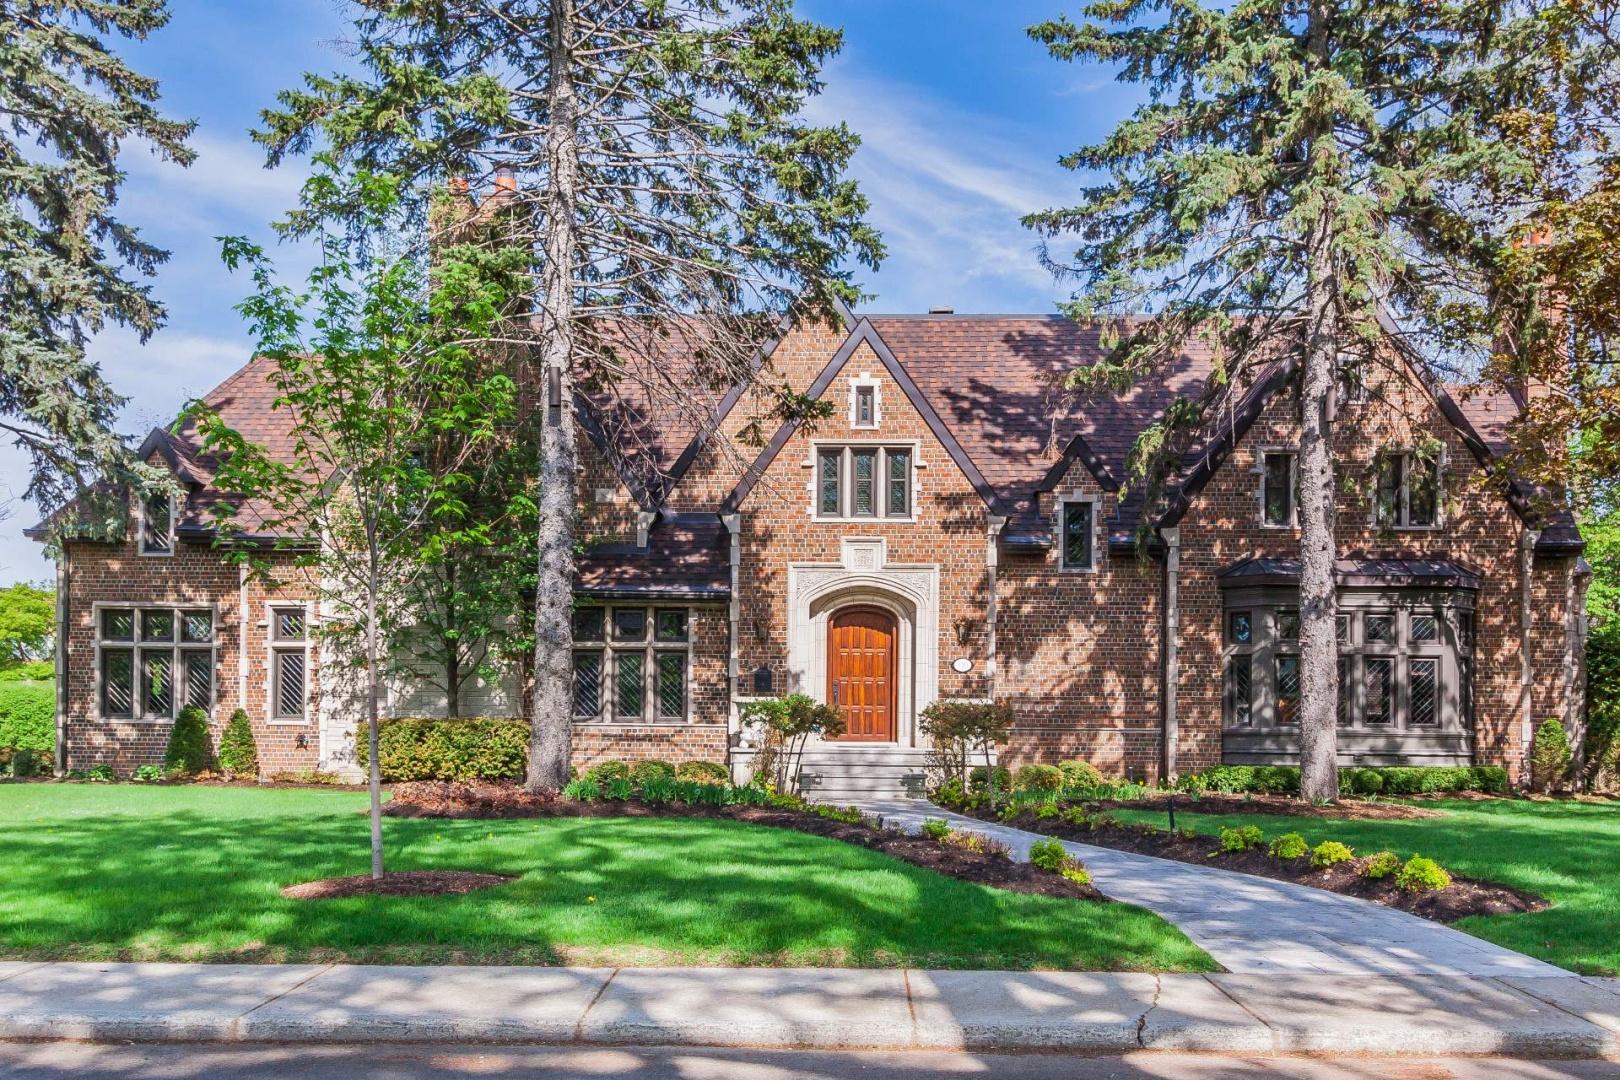 Une résidence au style classique et champêtre qui ne laissera personne indifférent !